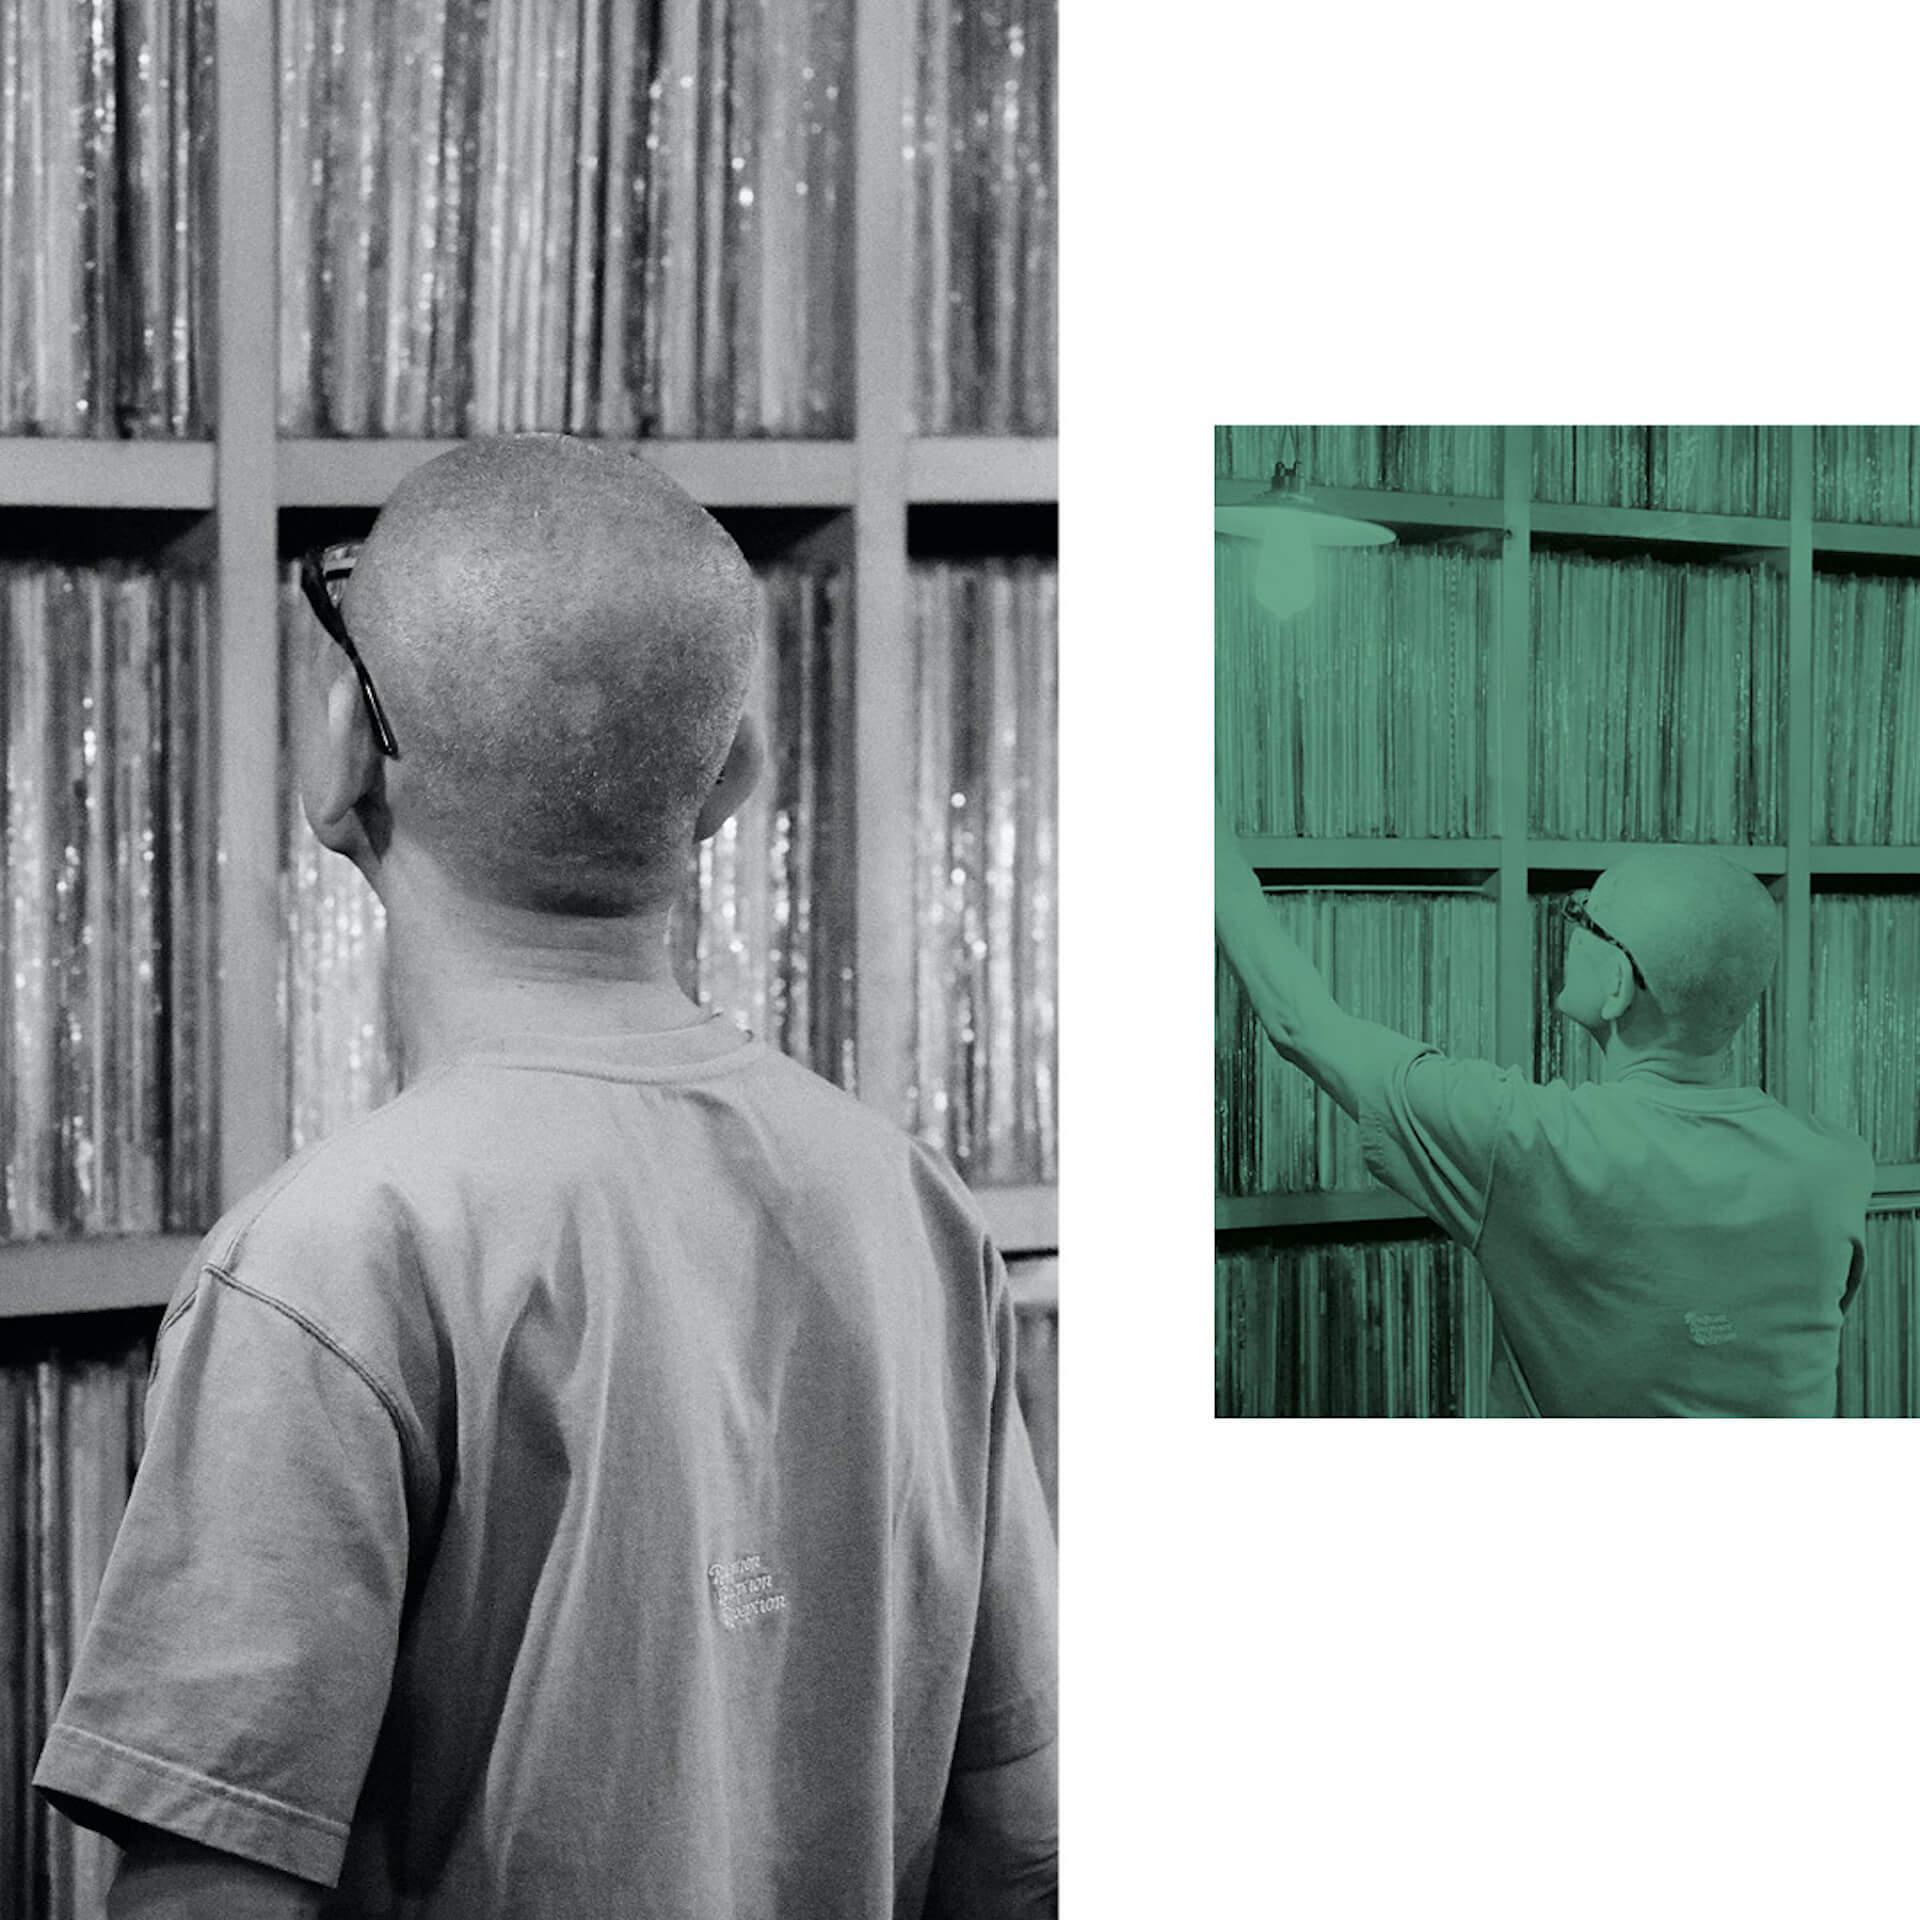 Receptionと渋谷のレコードバーJBSによるカプセルコレクションがローンチ! Fation210615_JSB-lookbook4